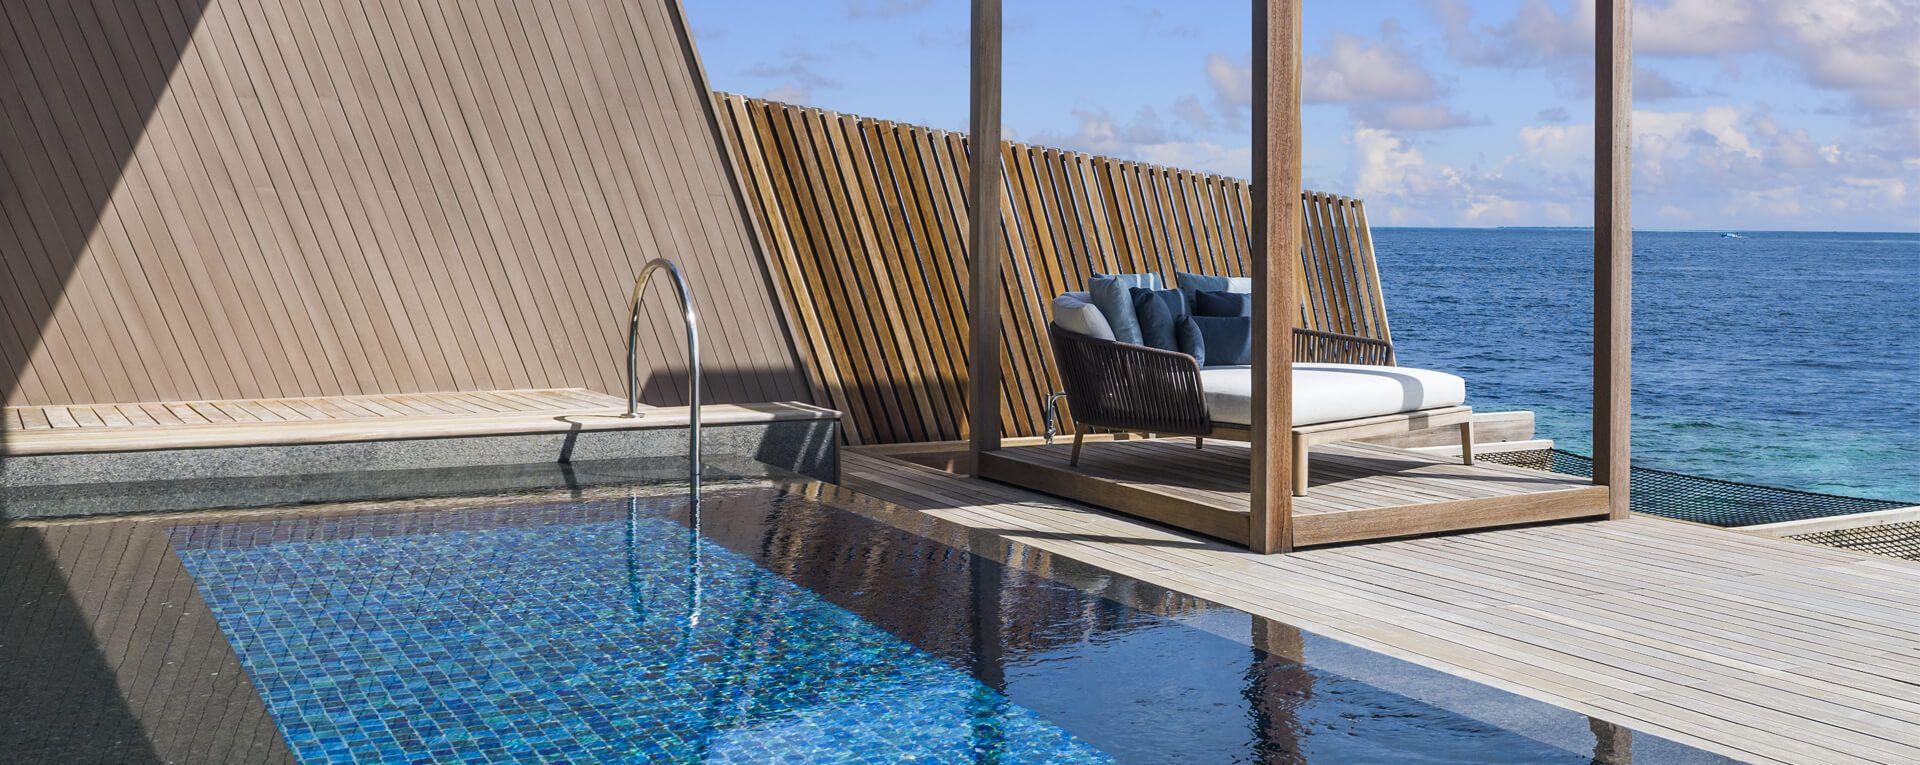 The St Regis Maldives Vommuli Resort